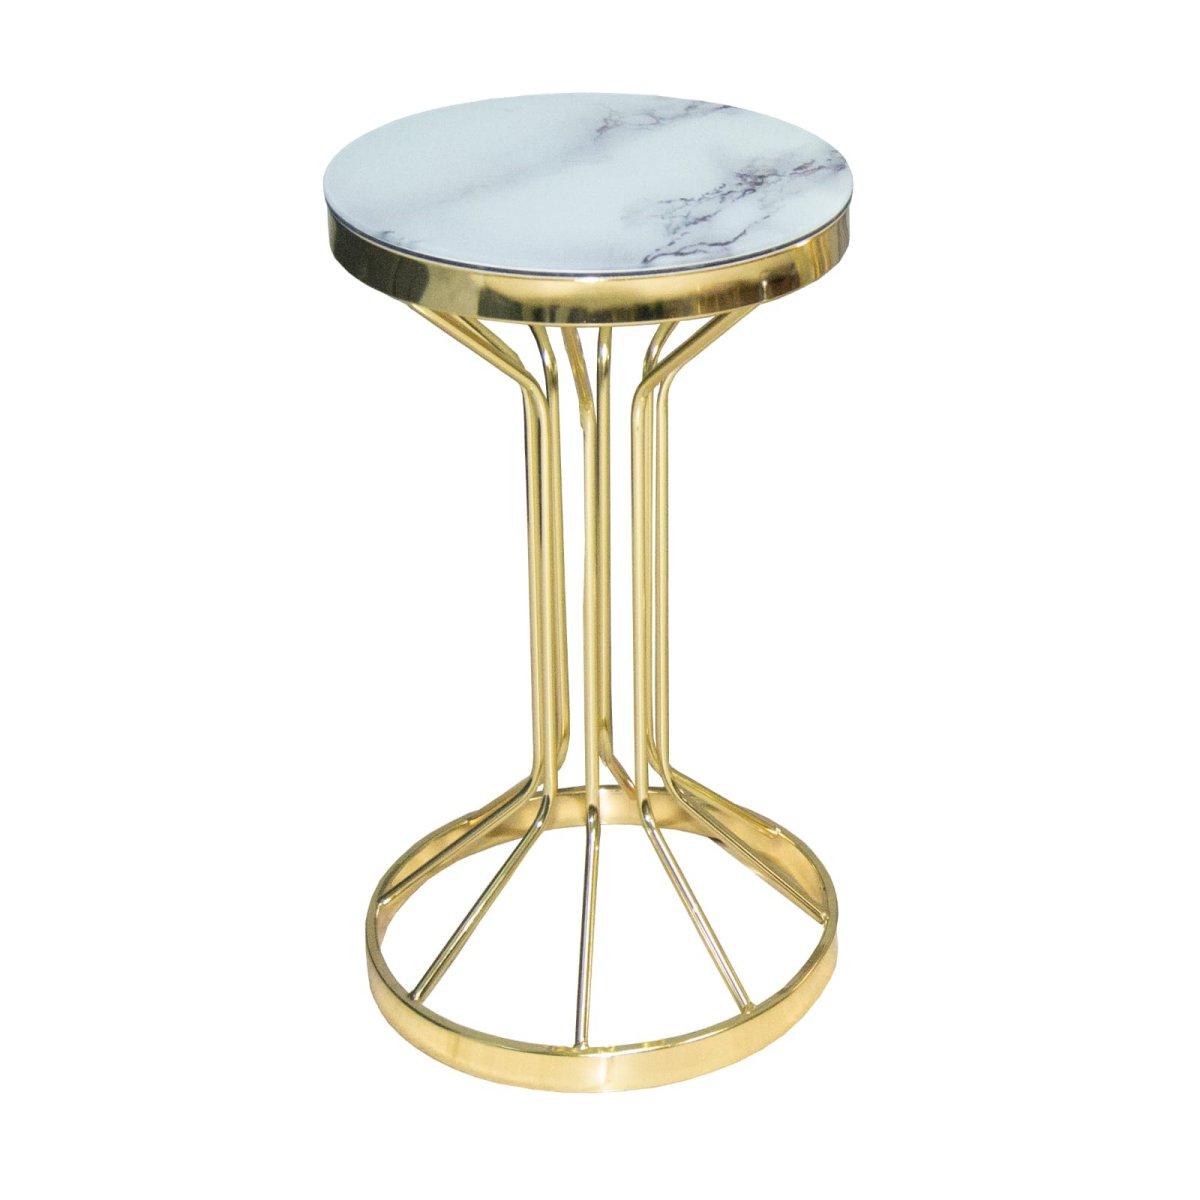 gold-metal-ayakli-uclu-zigon-sehpa-ardic-aksesuar-mobilya-siteler-21002-04